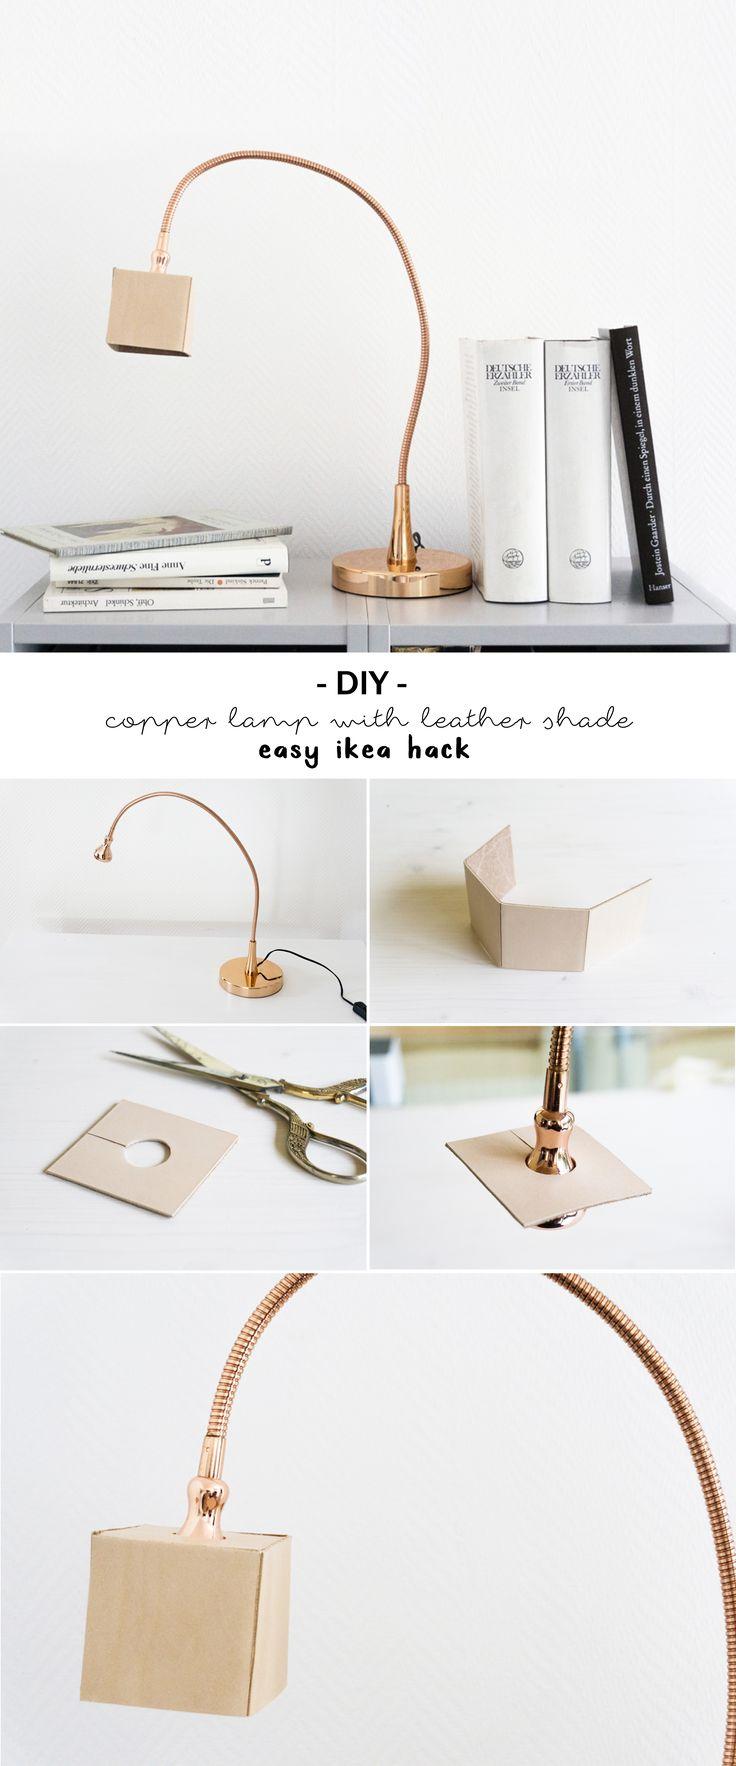 die besten 25 stehlampe mit schirm ideen auf pinterest stehlampe mit dimmer hohe stehlampen. Black Bedroom Furniture Sets. Home Design Ideas